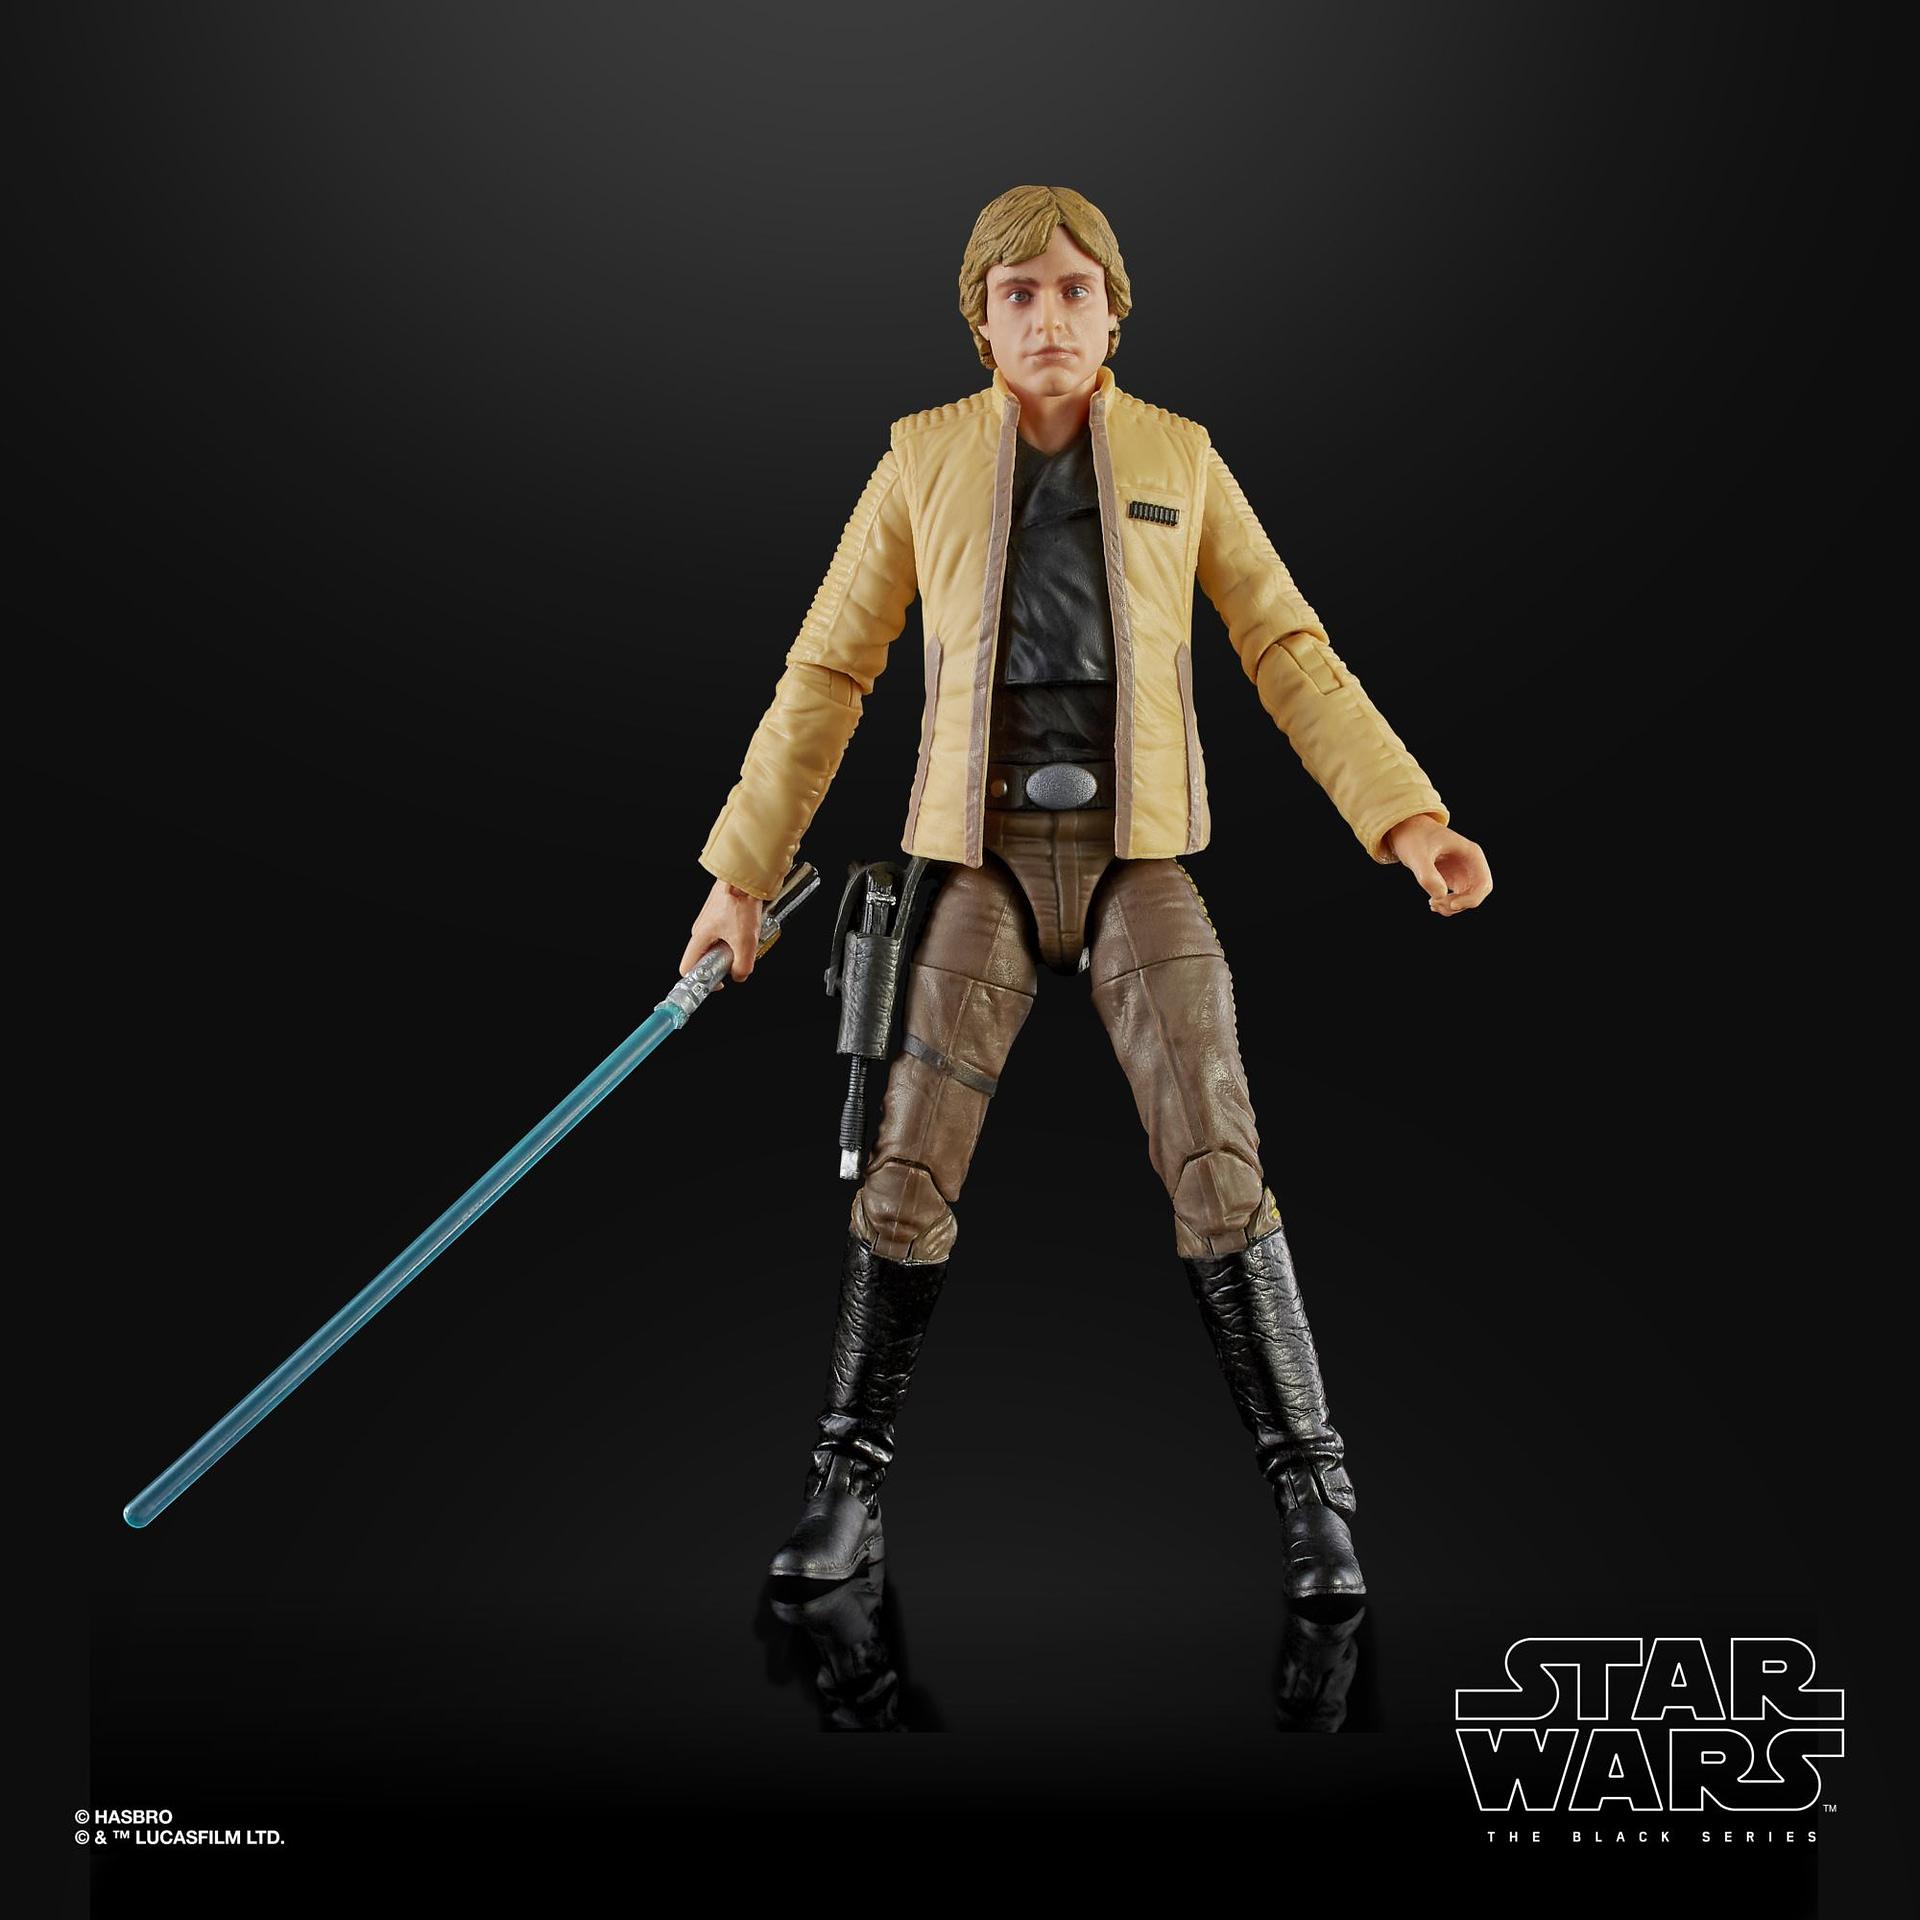 Luke Skywalker Gets a Europe and UK Exclusive Black Series Figure